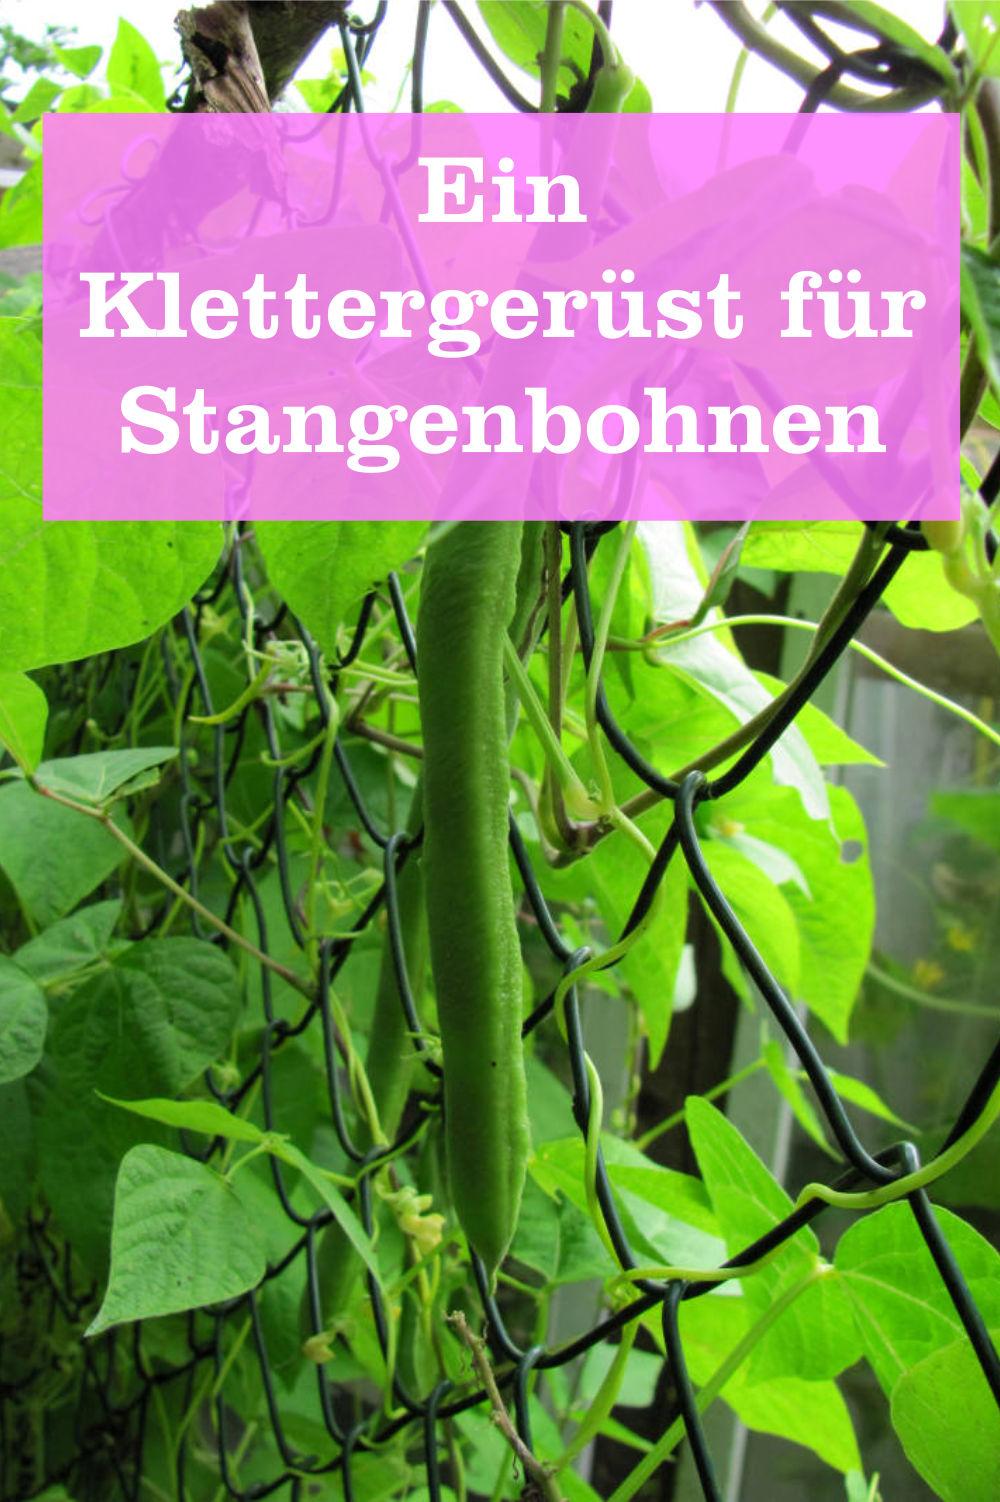 Klettergerüst für Stangenbohnen